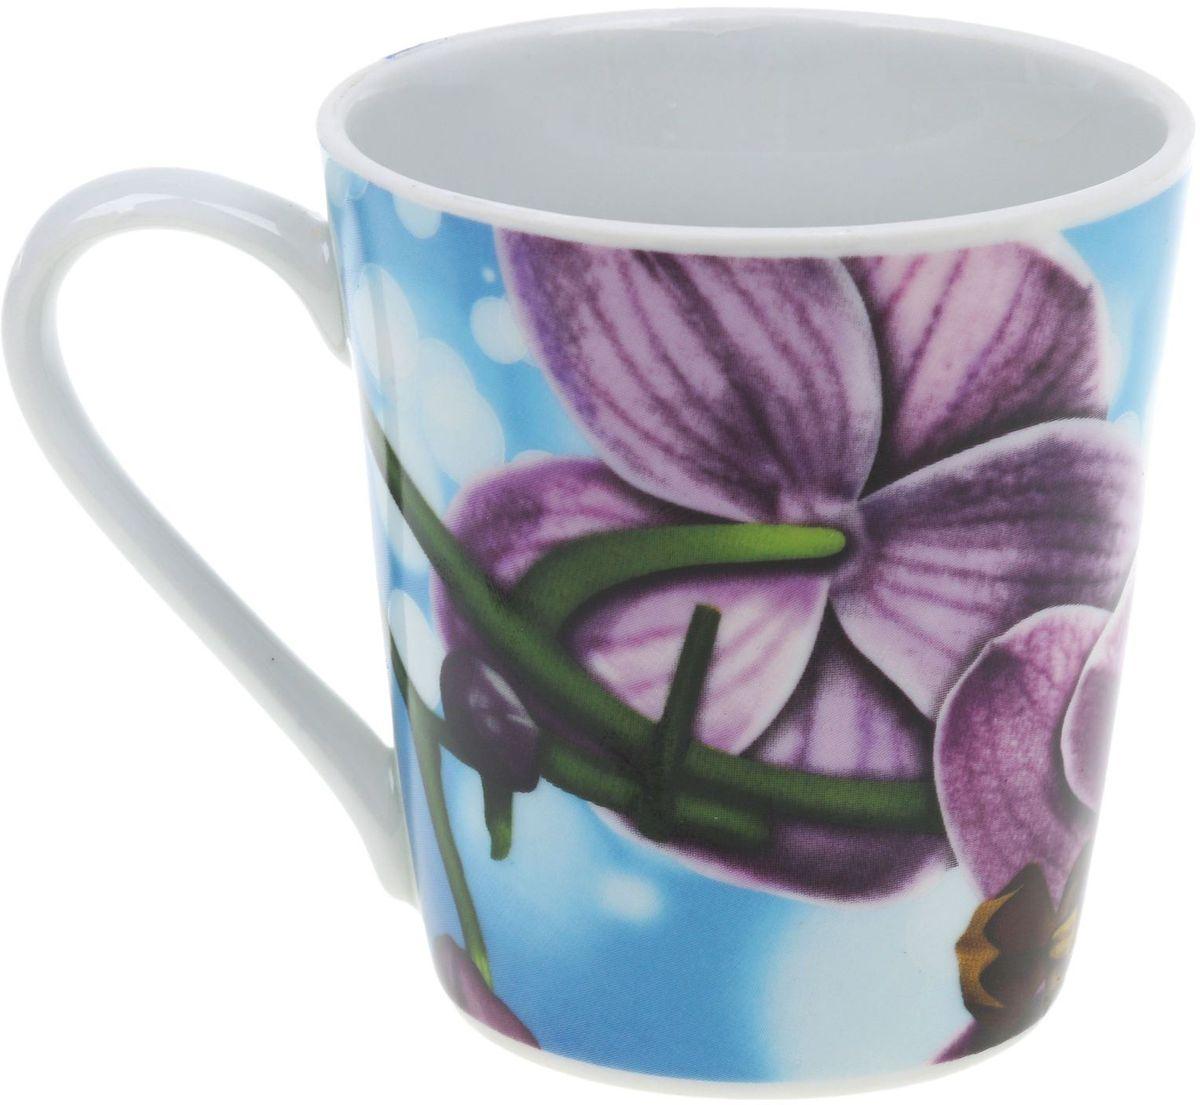 Кружка Классик. Орхидея, цвет: голубой, зеленый, фиолетовый, 300 мл3С0493Кружка Классик. Орхидея изготовлена из высококачественного фарфора. Изделие оформлено красочным цветочным рисунком и покрыто превосходной сверкающей глазурью. Изысканная кружка прекрасно оформит стол к чаепитию и станет его неизменным атрибутом.Диаметр кружки (по верхнему краю): 8,5 см.Высота стенок: 9,5 см.